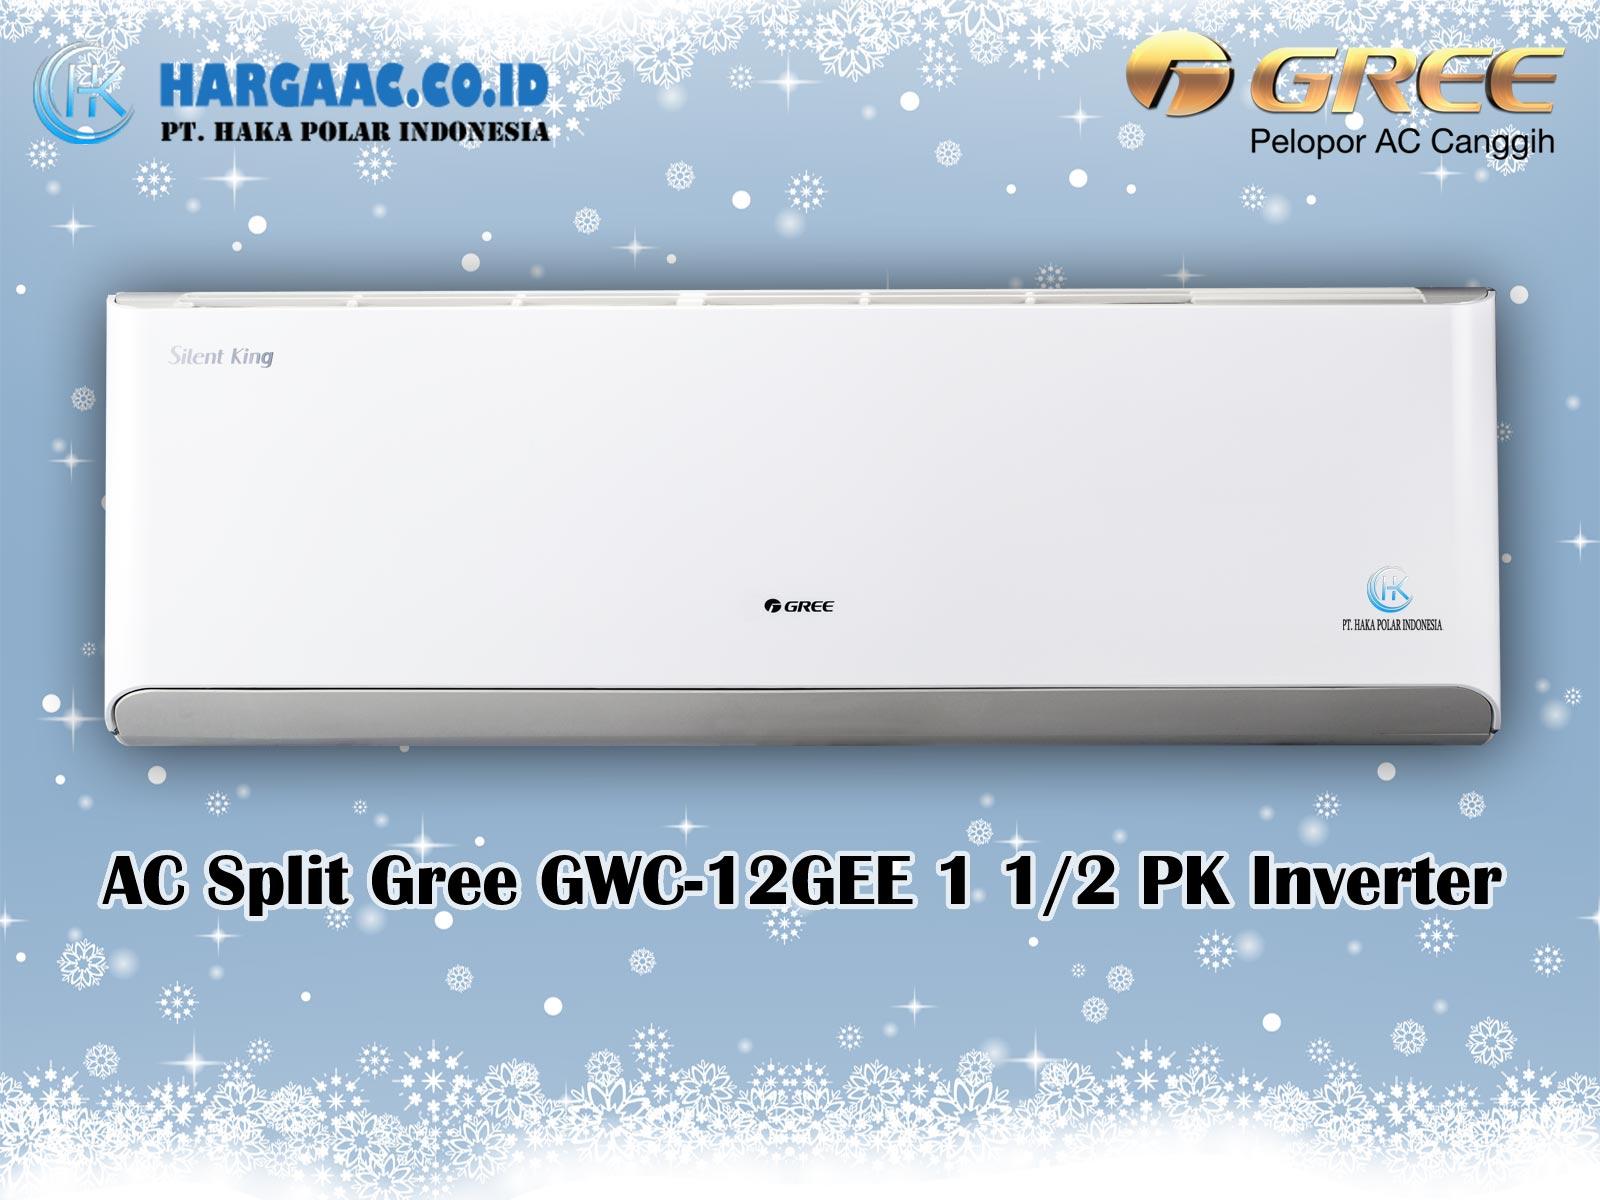 Harga Jual AC Split Gree GWC-12GEE 1,5 PK Inverter Silent King